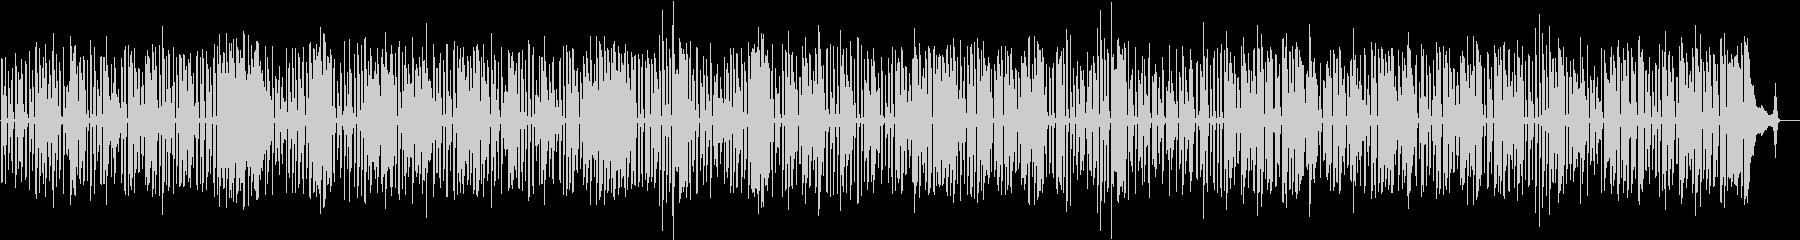 ワクワクするCM・軽快なソロジャズピアノの未再生の波形